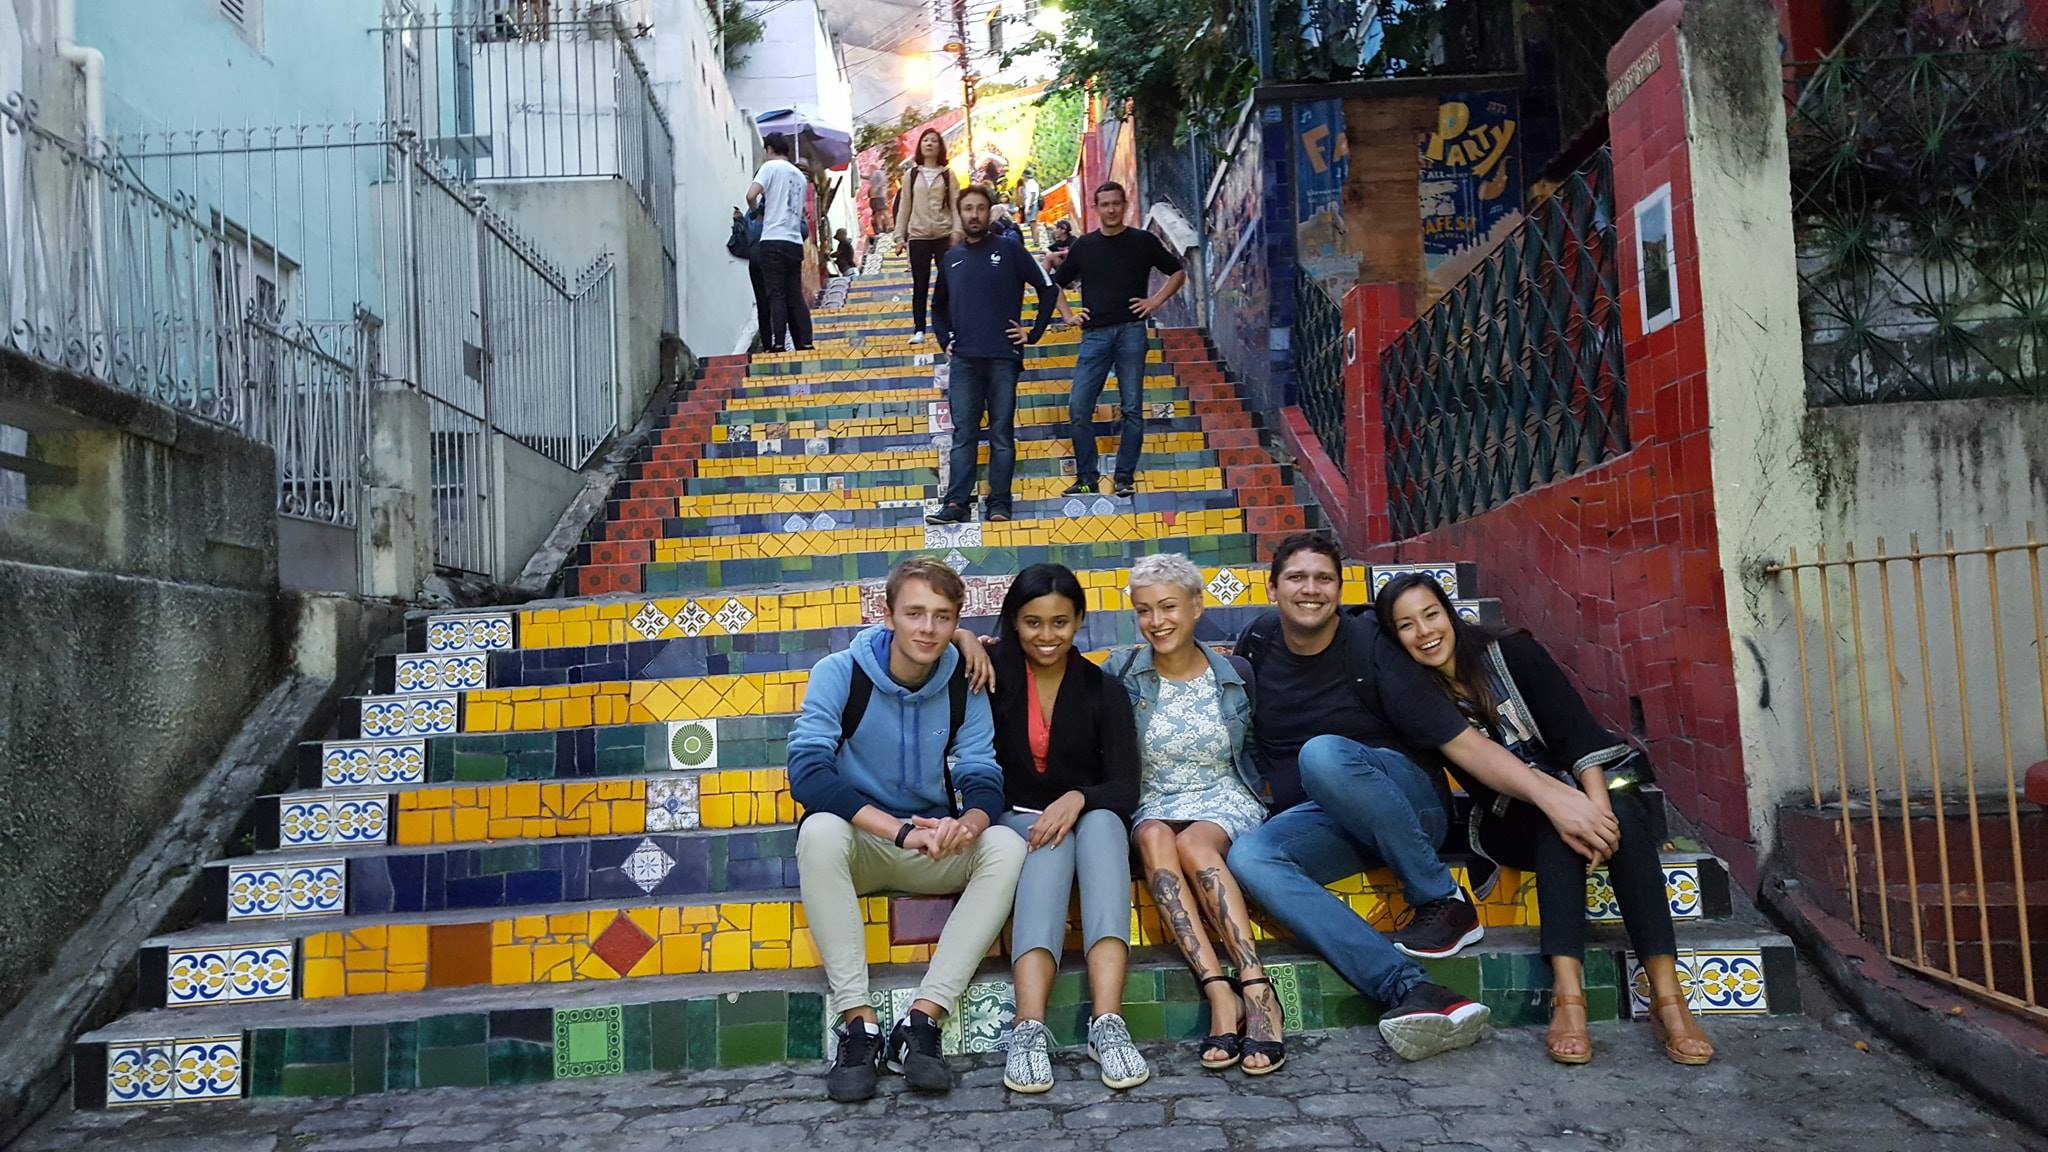 Dando un fin perfecto a nuestra RioLIVE! en la Escadaria Selarón!